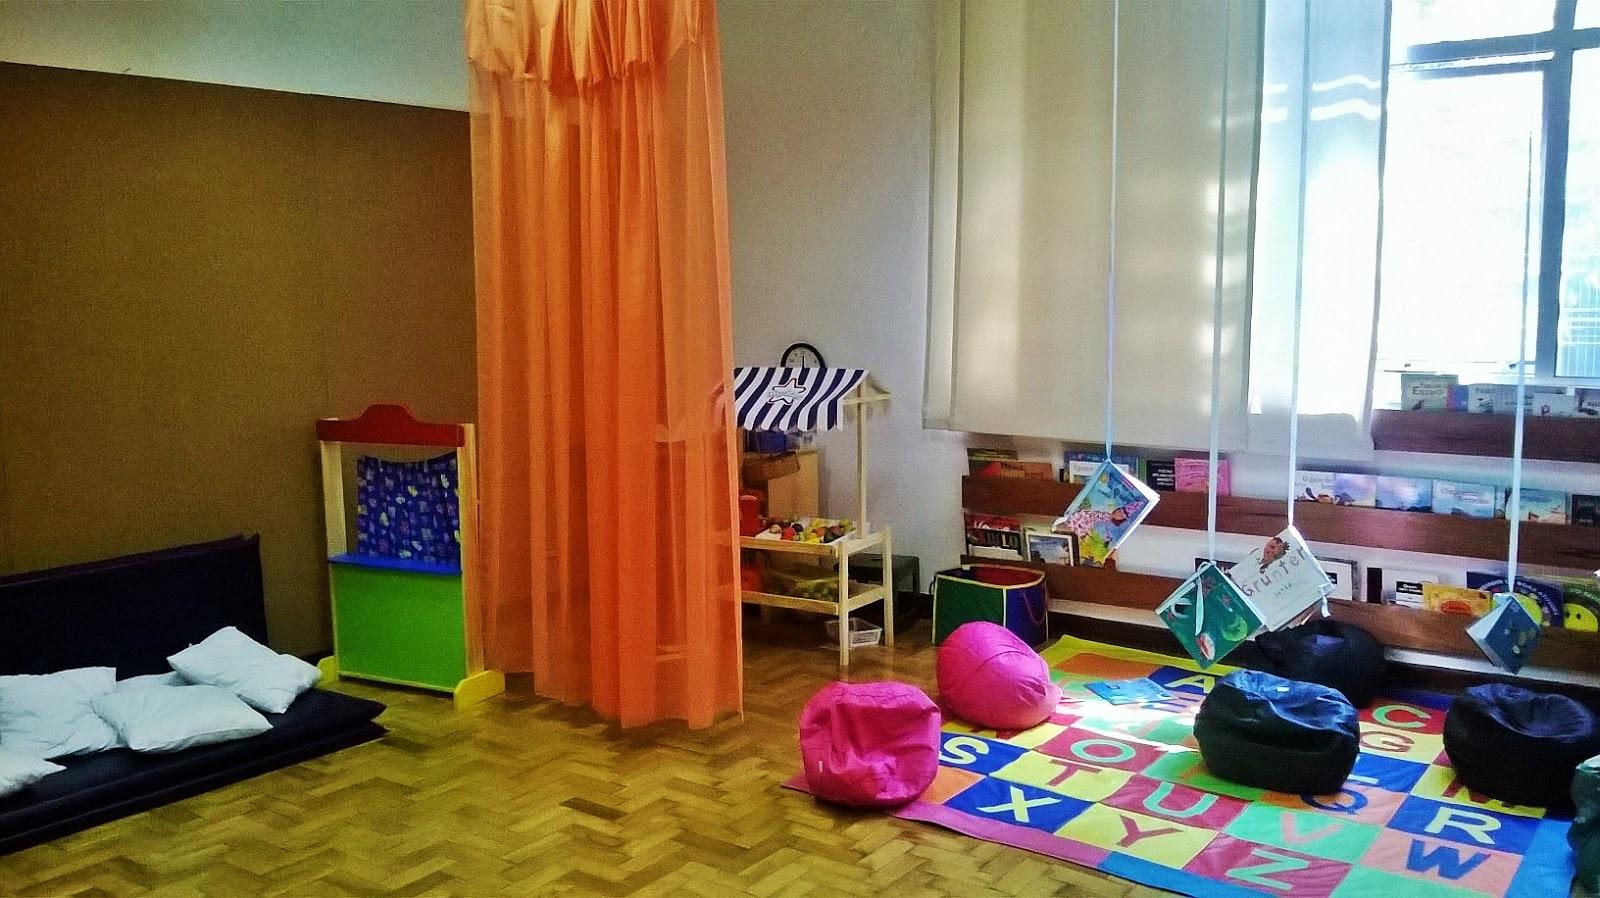 Sala De Aula Um Ambiente Acolhedor Ukindex -> Sala De Aee Decoracao